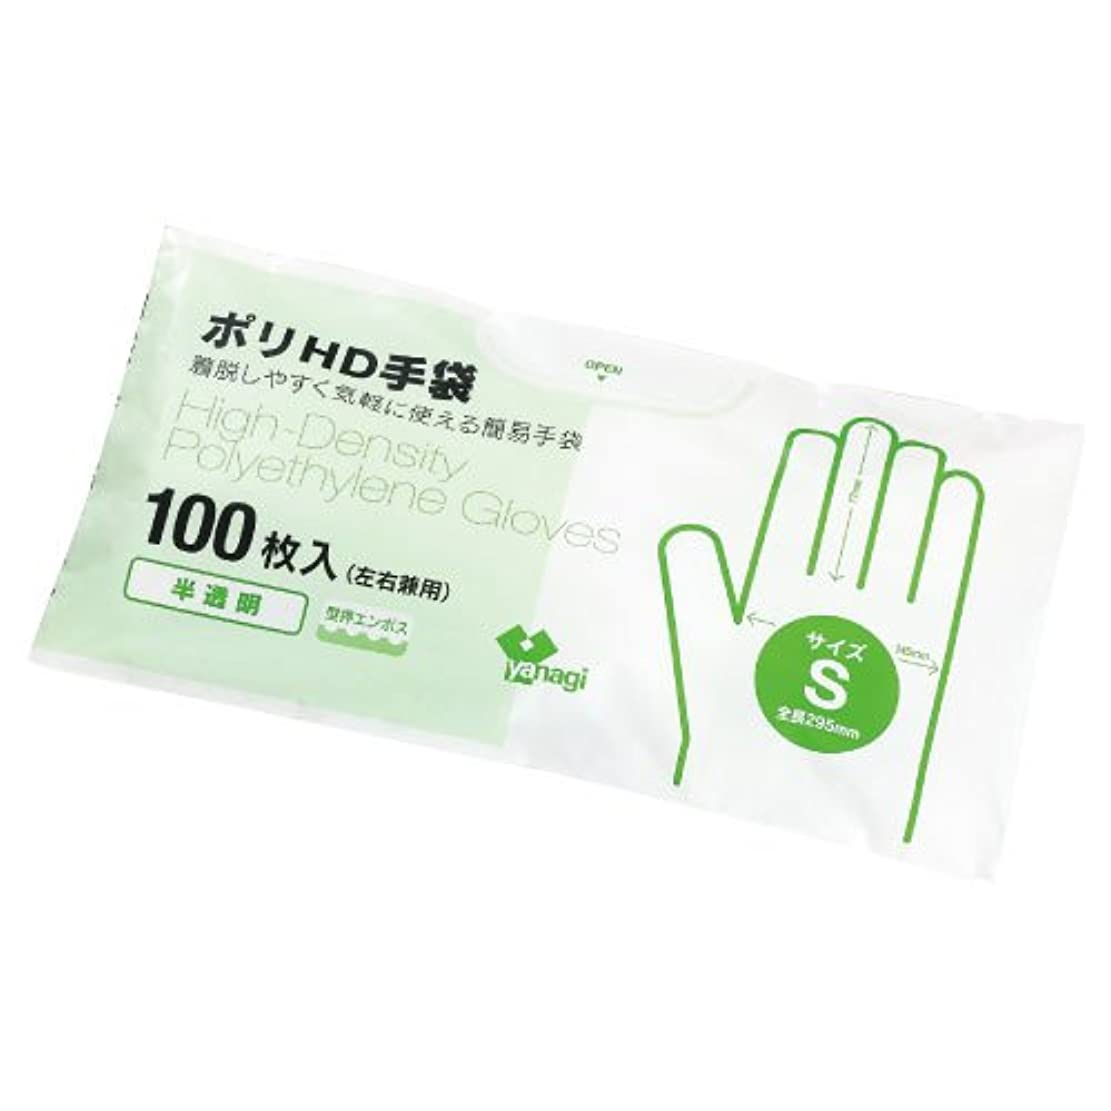 閃光人事体操ポリHD手袋(半透明)型押エンボス TB-203(M)100???? ???HD???????????????(24-2575-01)【やなぎプロダクツ】[120袋単位]